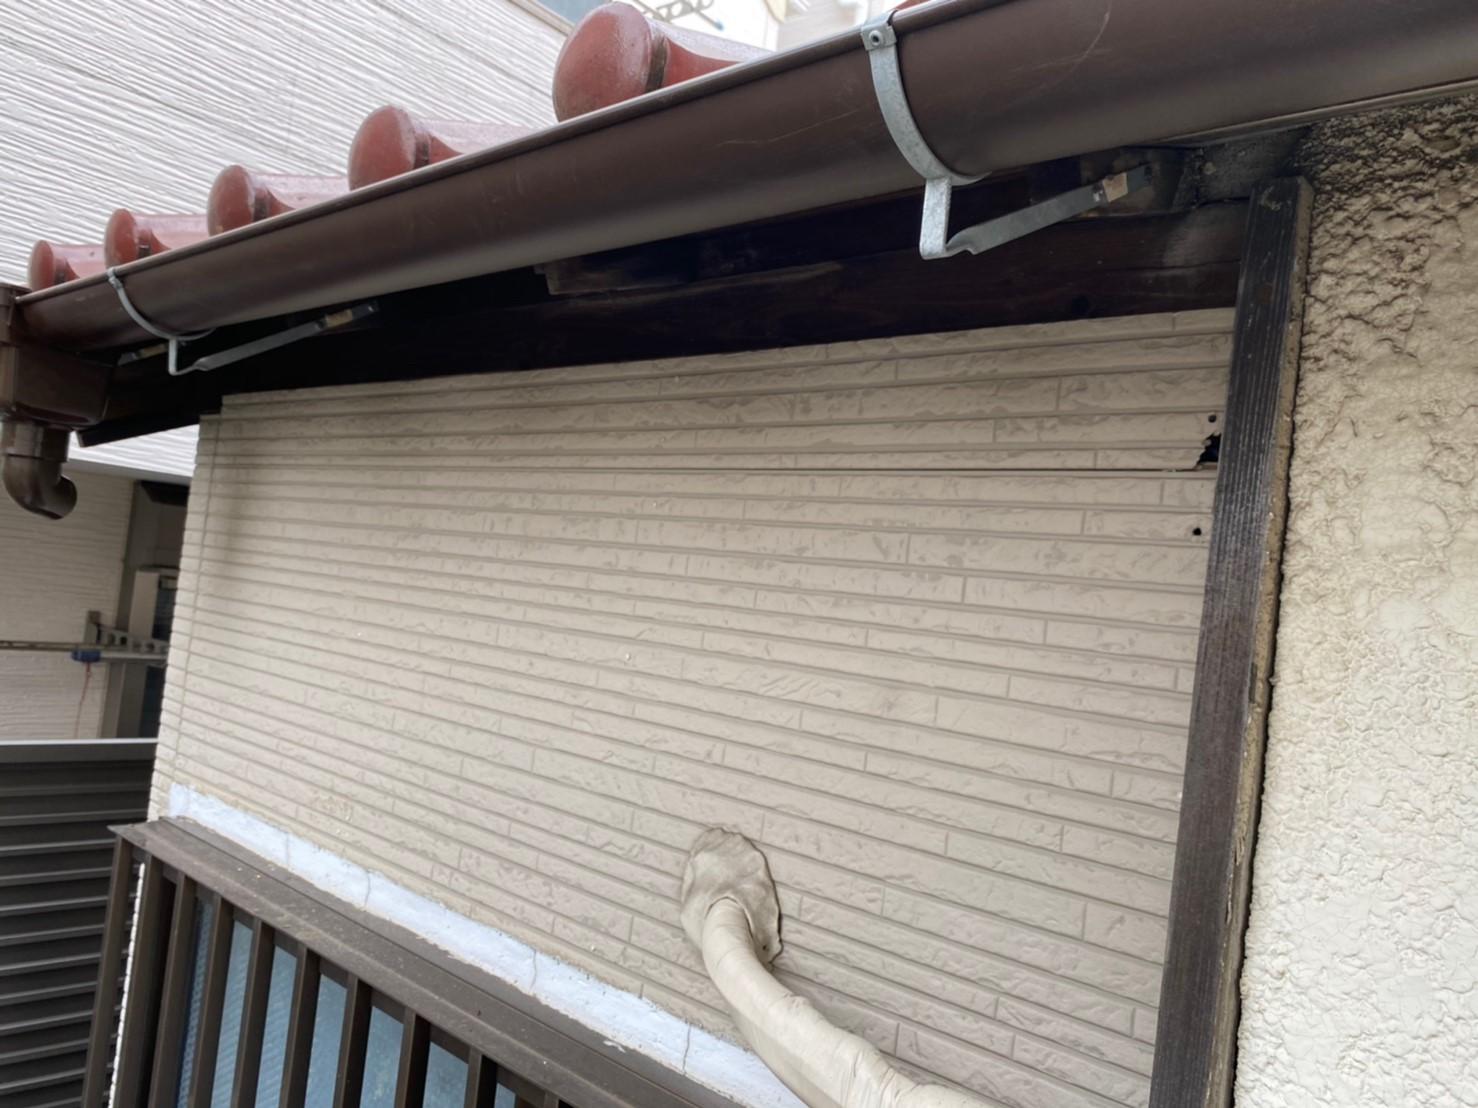 【施工完了報告!】ご自身での修理は危険を伴います!東京都東大和市にて雨どい交換工事を行いました!